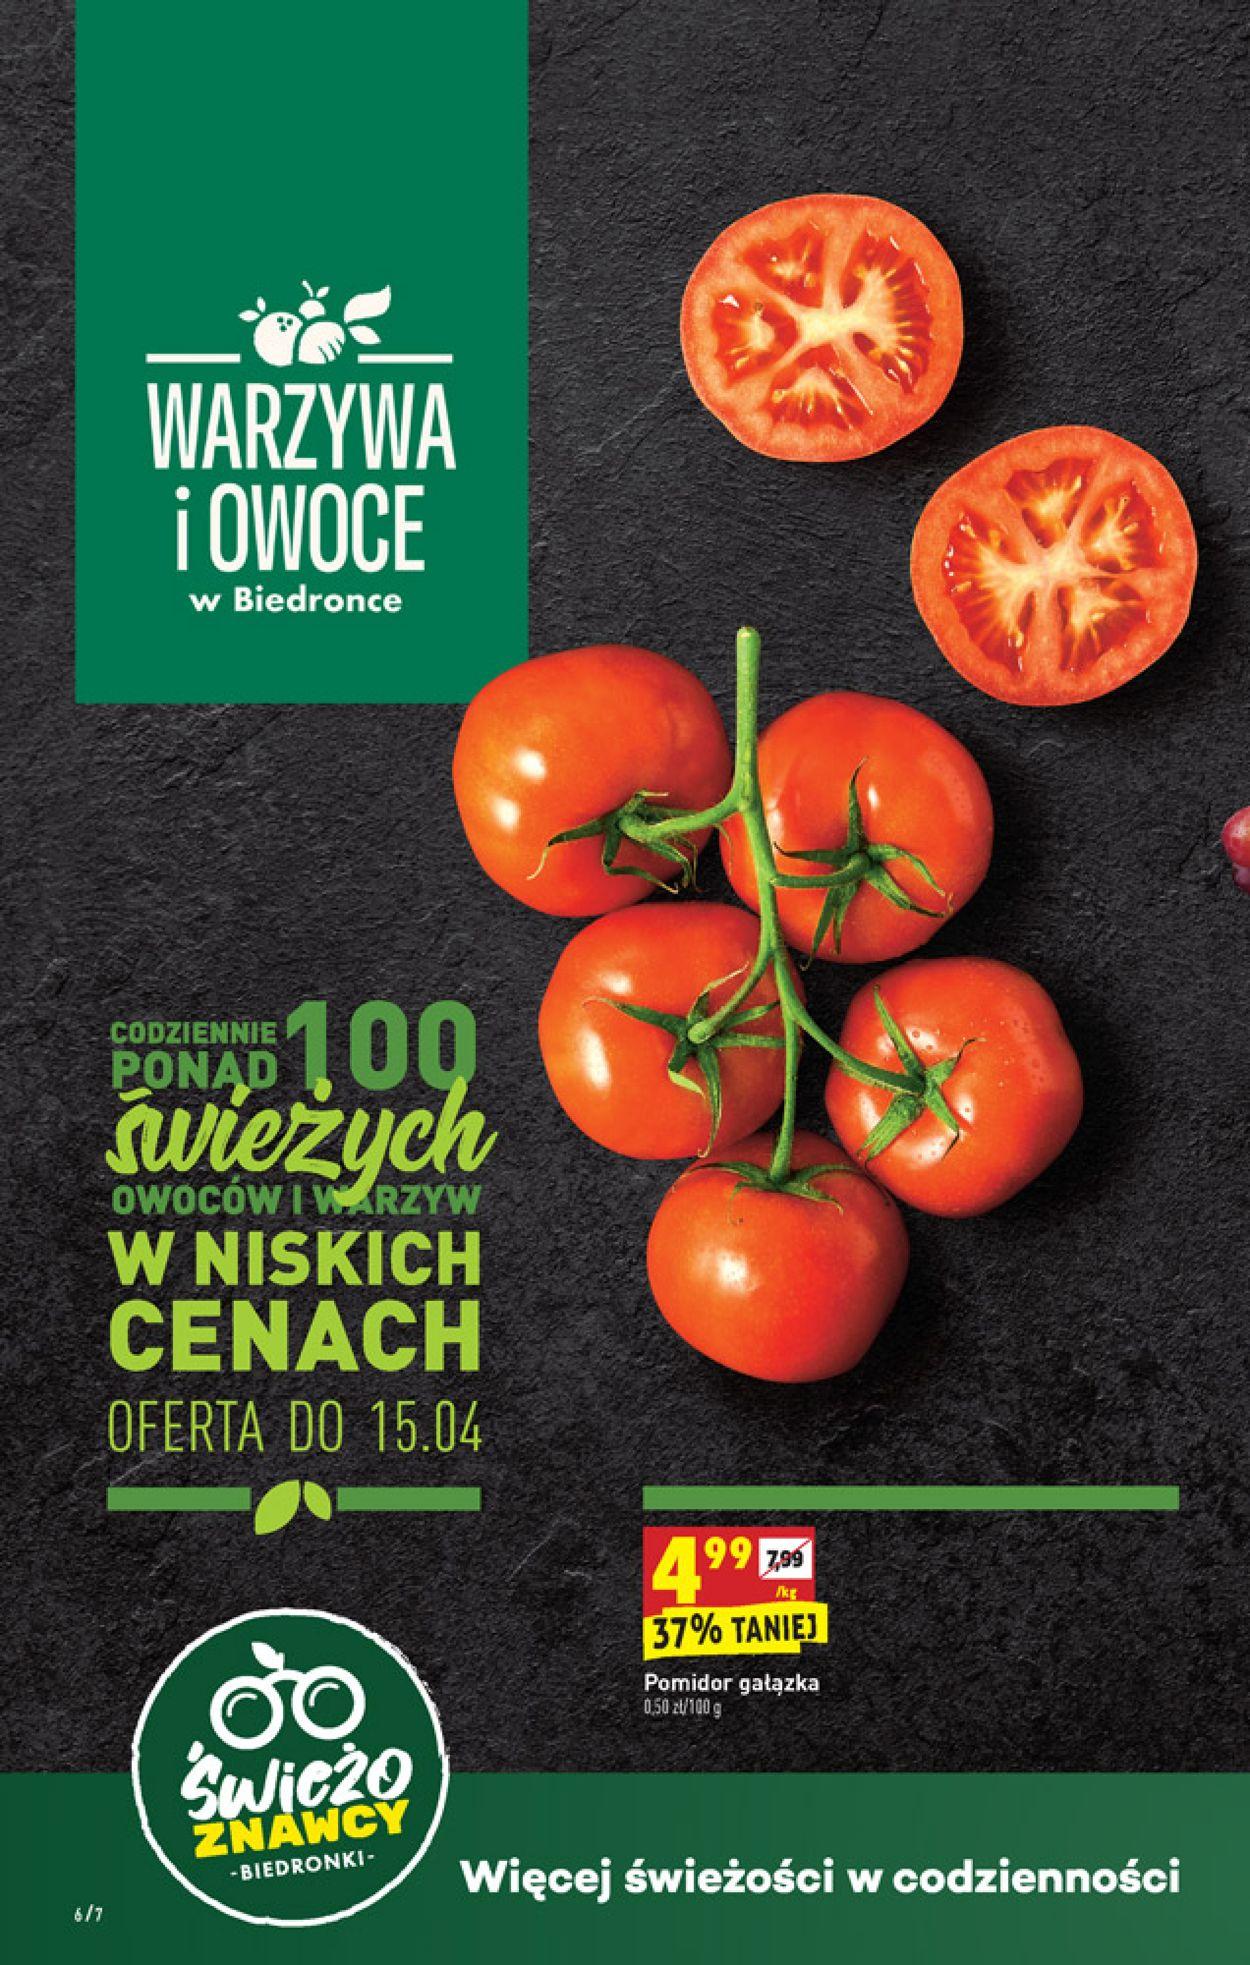 Gazetka promocyjna Biedronka - 14.04-18.04.2020 (Strona 6)